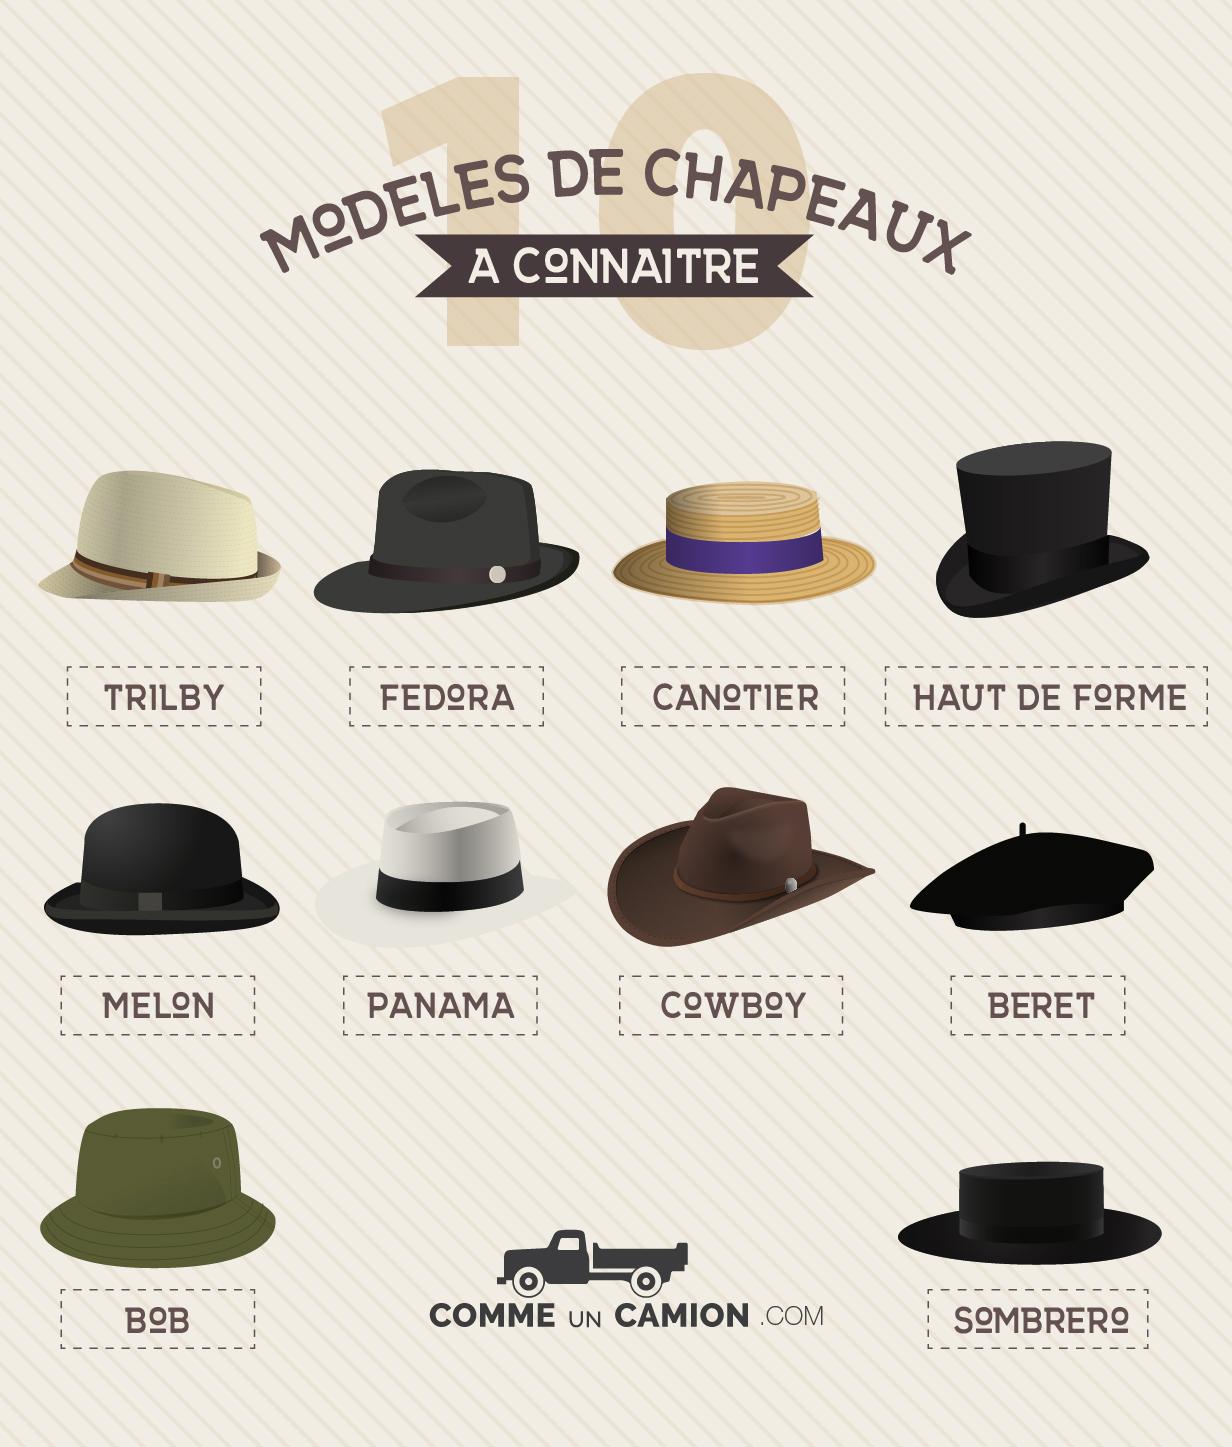 Infographie modeles chapeaux